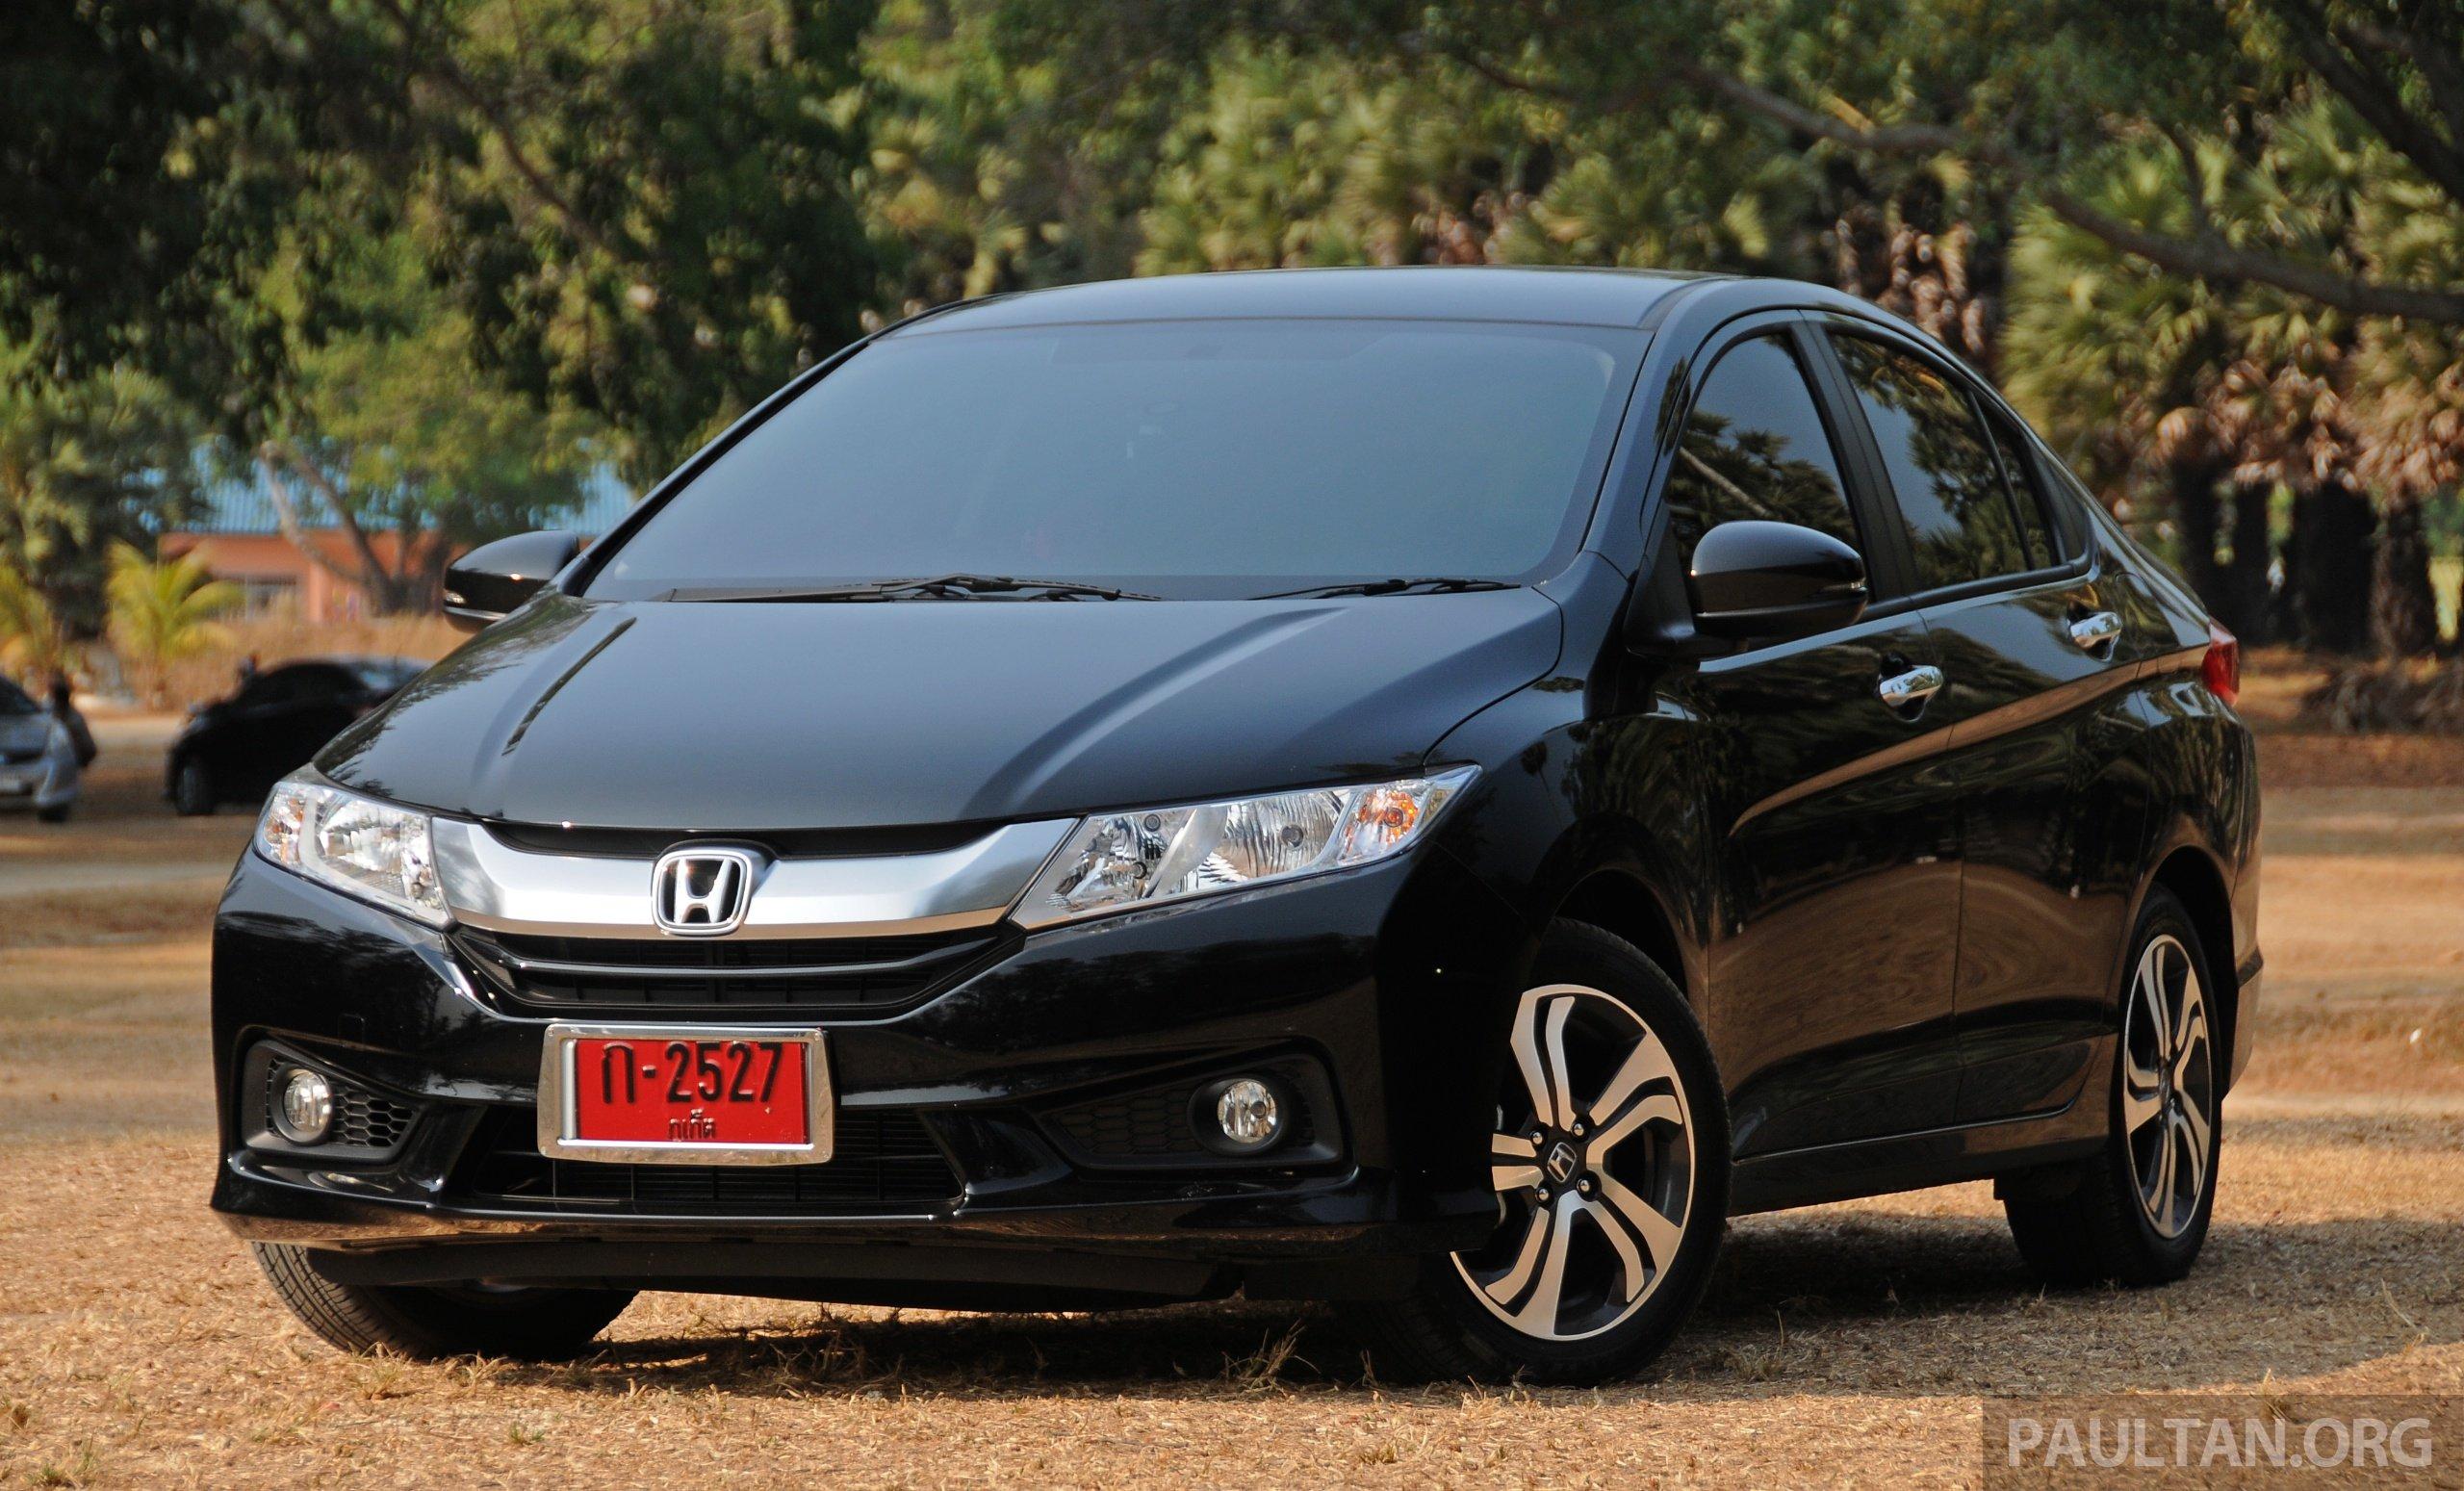 2014_Honda_City_preview_Thailand_ 024